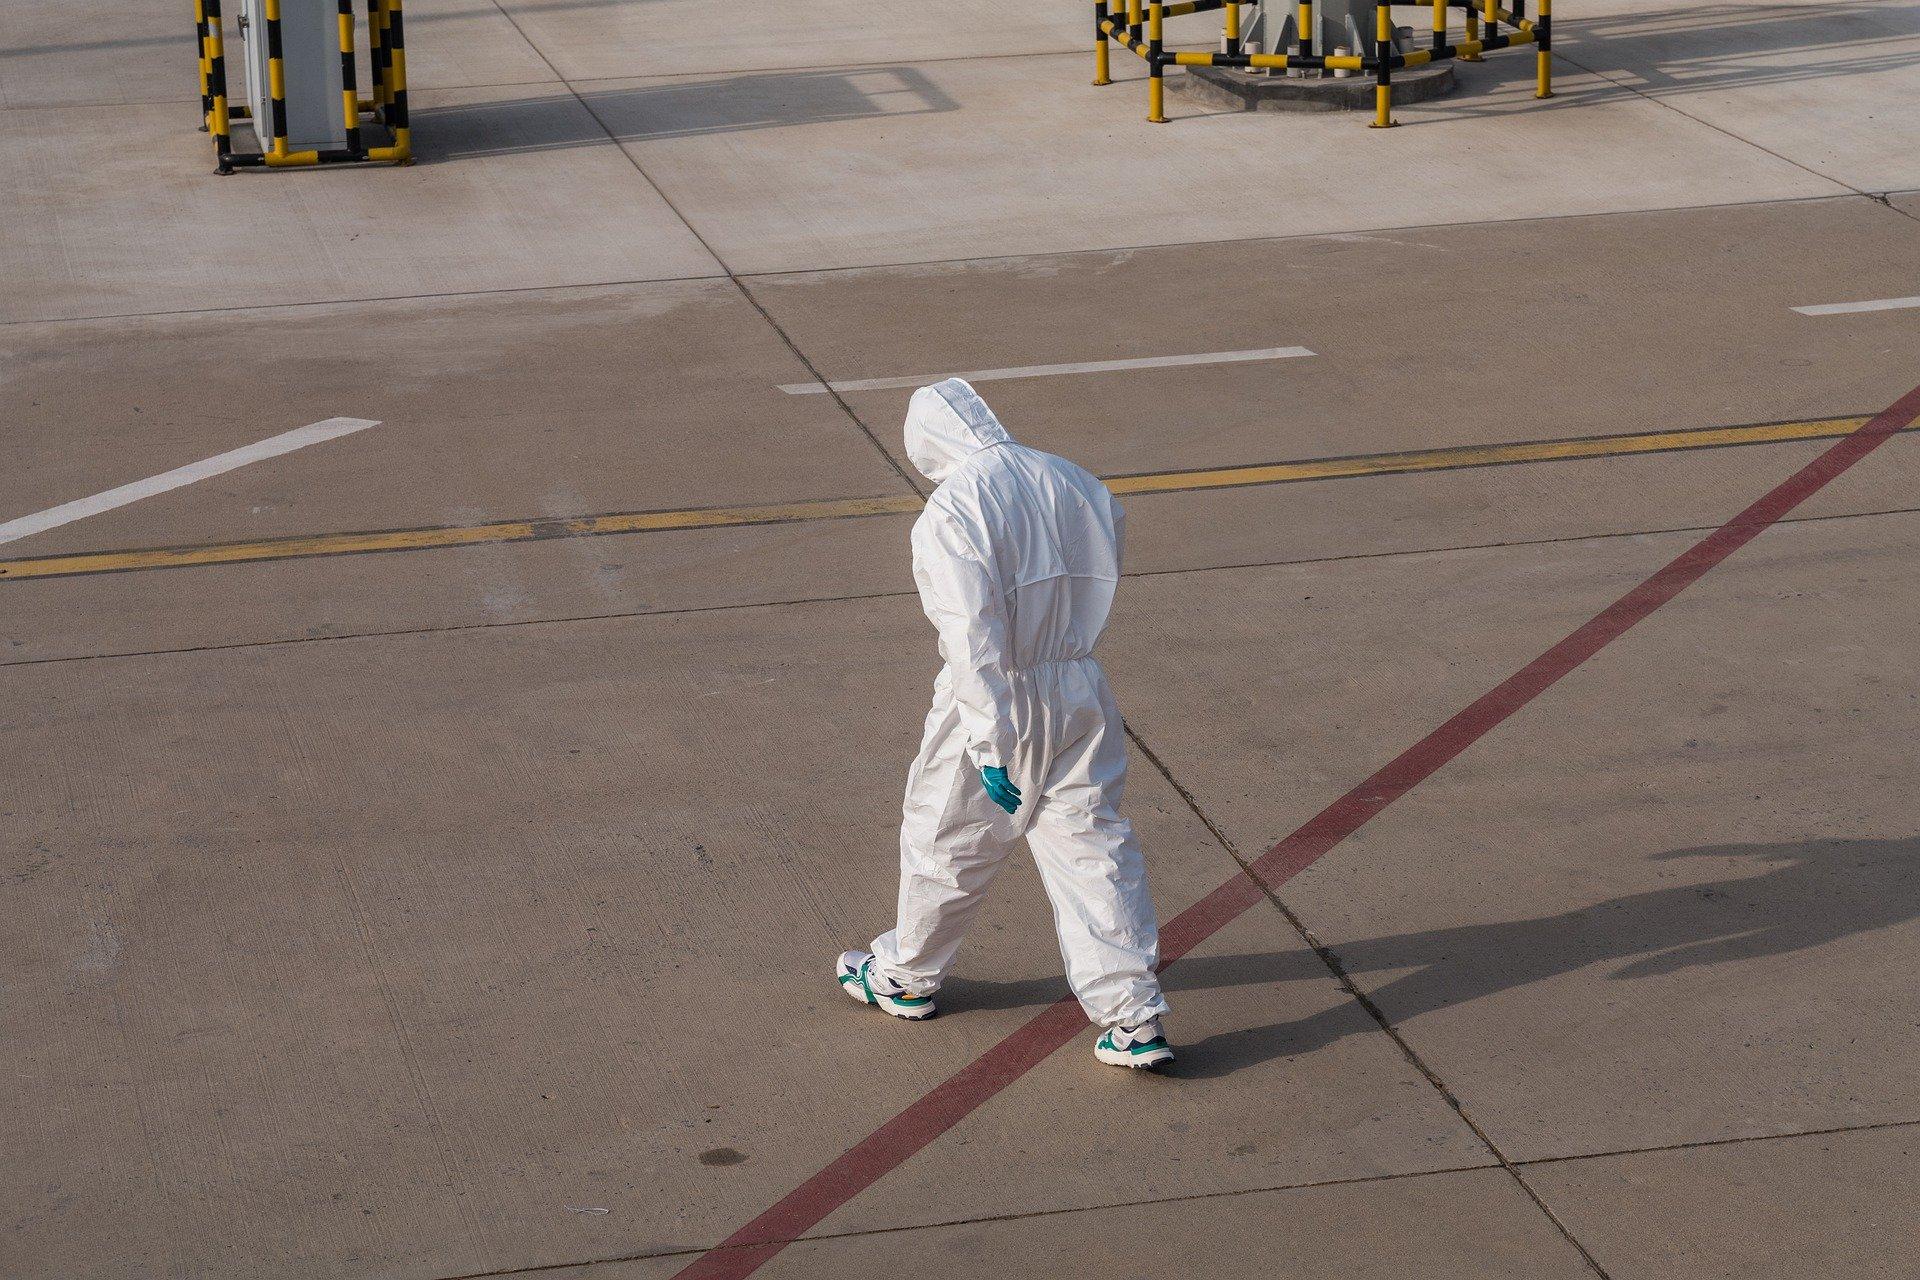 Глава ВОЗ Гебрейесус сообщил о наступлении очень опасной стадии пандемии